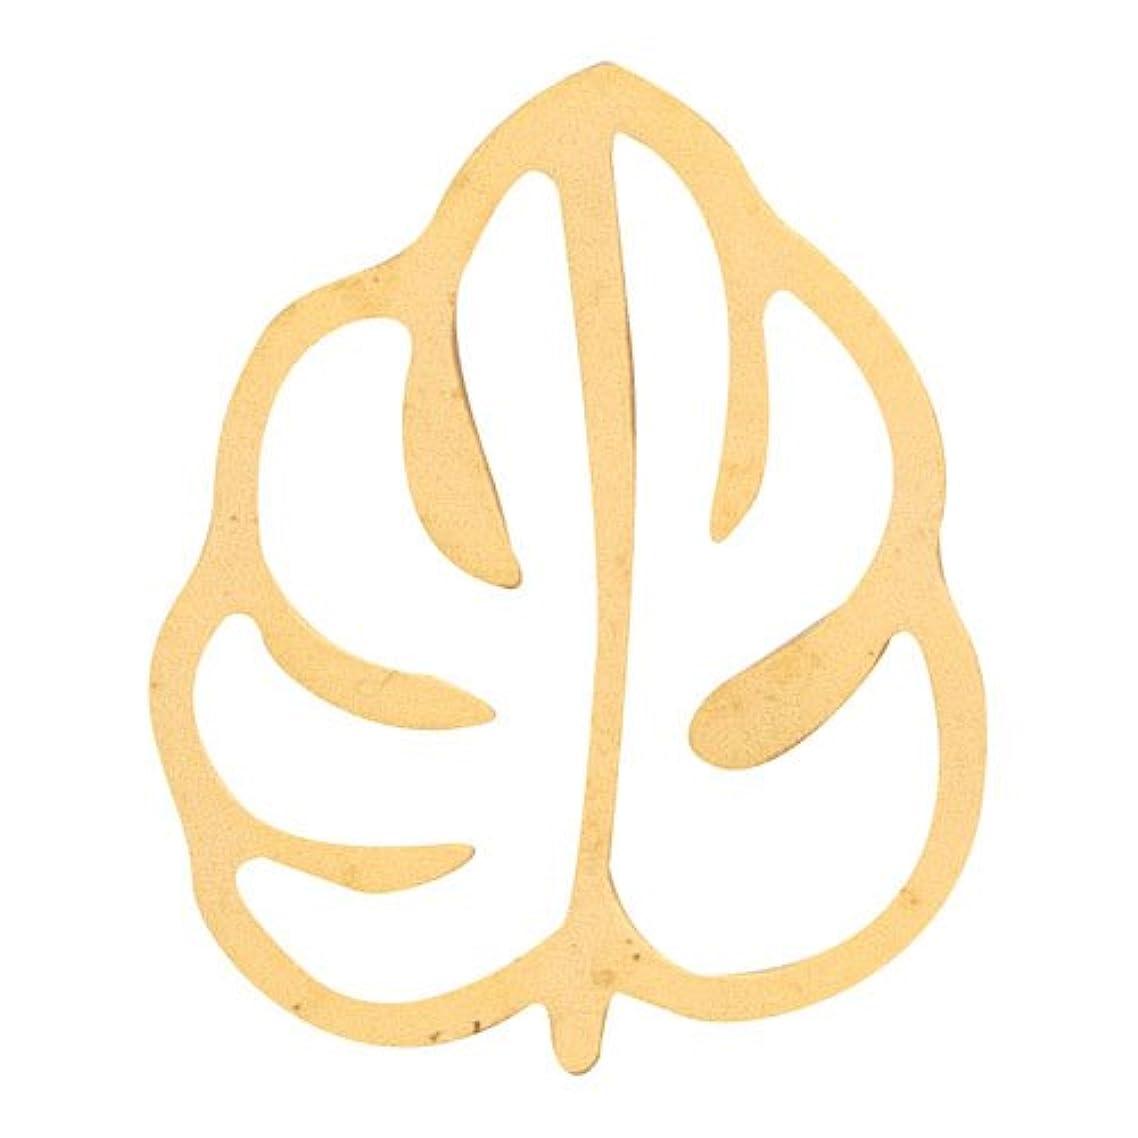 より多いほのか申し込むリトルプリティー ネイルアートパーツ モンステラ2 M ゴールド 10個